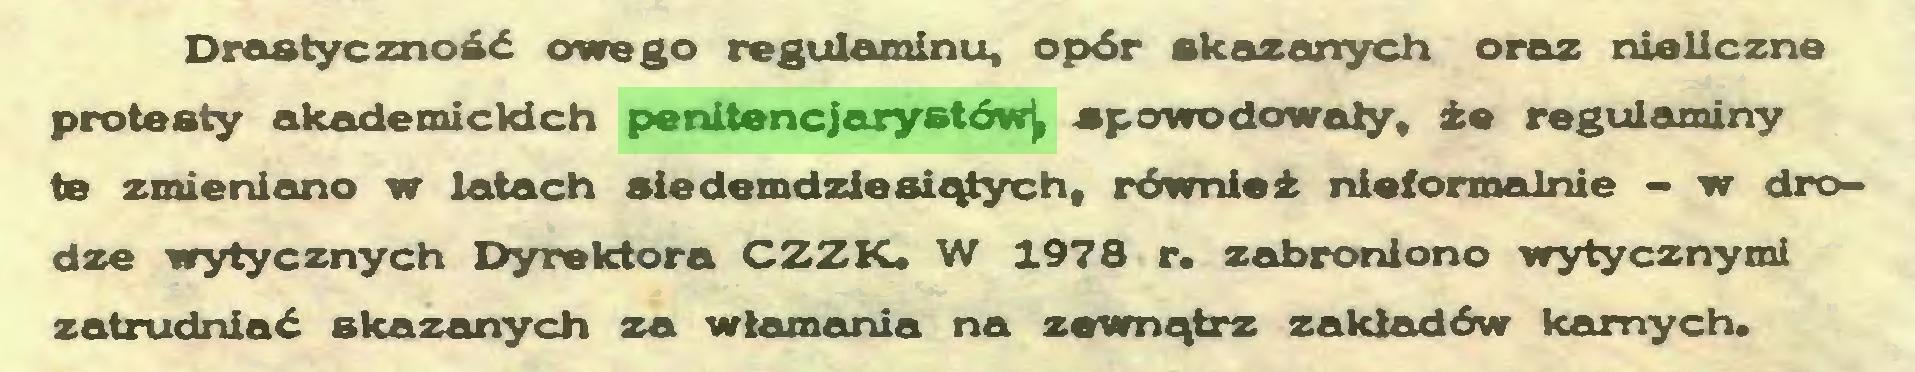 (...) Drastyczność owego regulaminu, opór skazanych oraz nieliczne protesty akademickich penitencjarystów^ spowodowały, że regulaminy te zmieniano w latach siedemdziesiątych, również nieformalnie - w drodze wytycznych Dyrektora CZZK* W 1978 r. zabroniono wytycznymi zatrudniać skazanych za włamania na zewnątrz zakładów karnych...